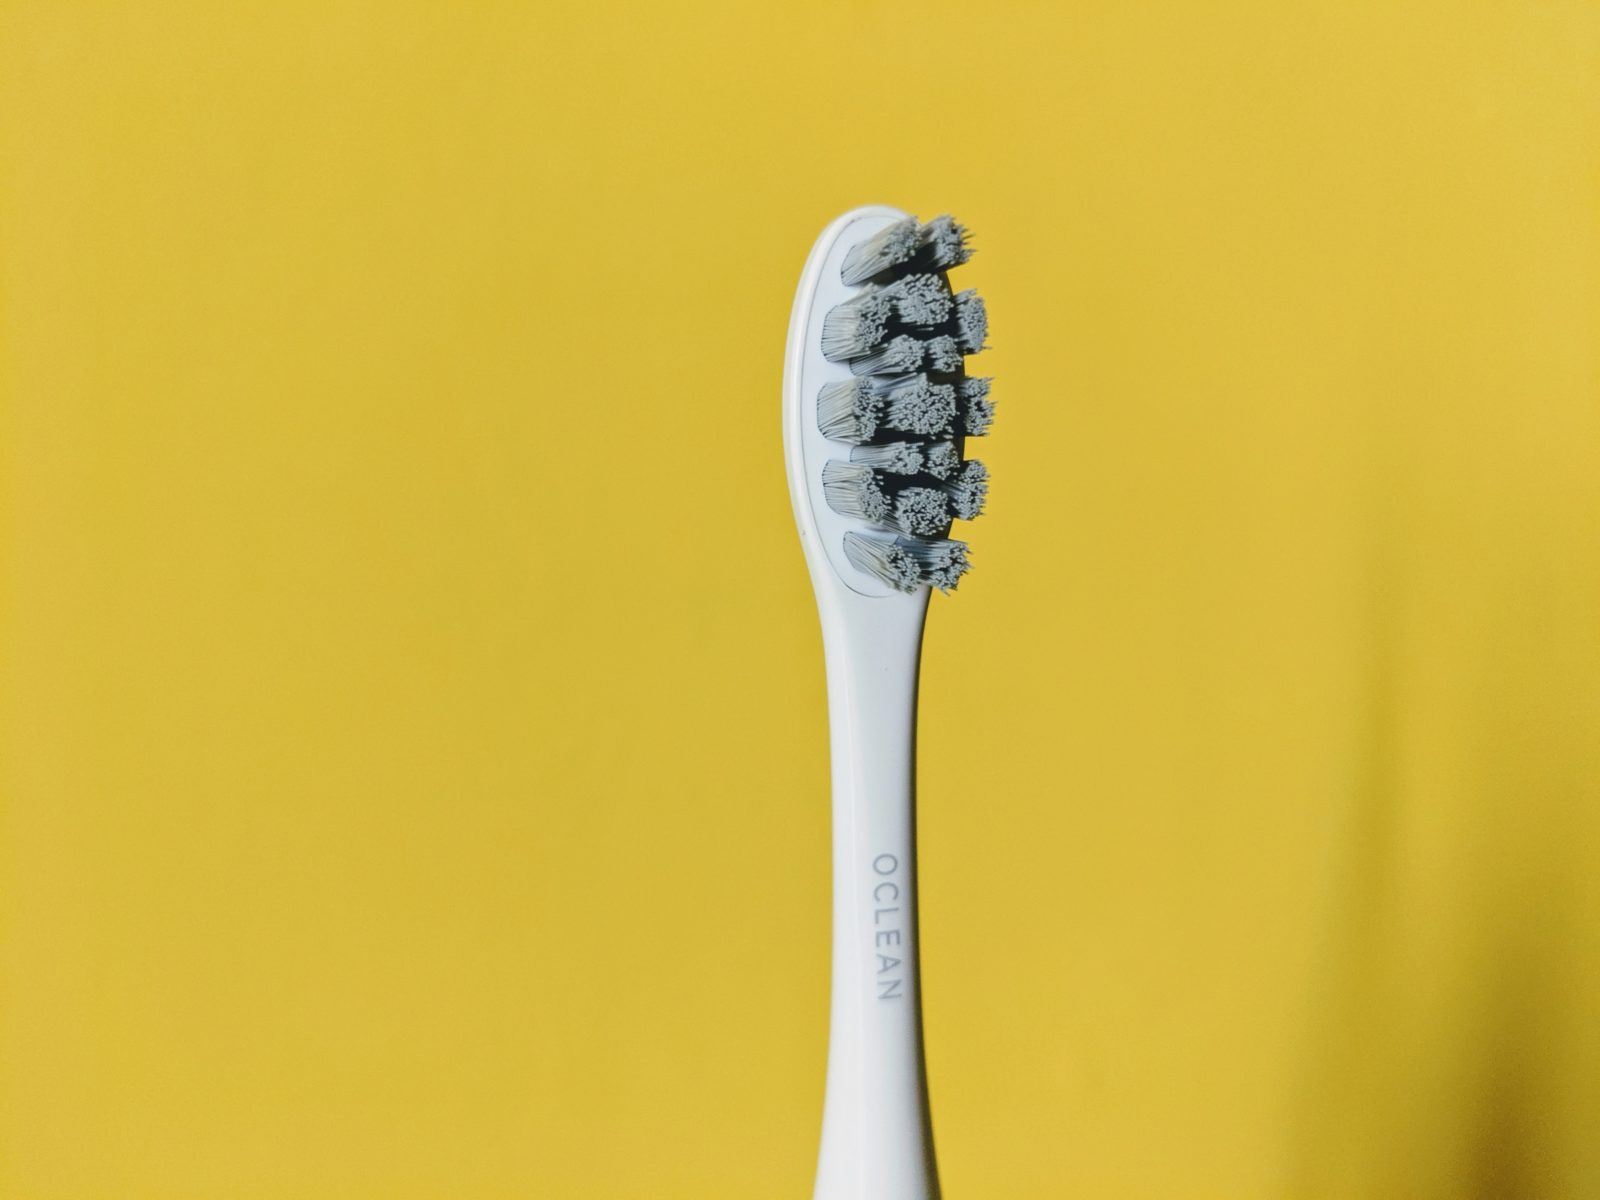 Recensione Oclean X, lo spazzolino ultrasonico smart con touch screen che non dovete lasciarvi sfuggire